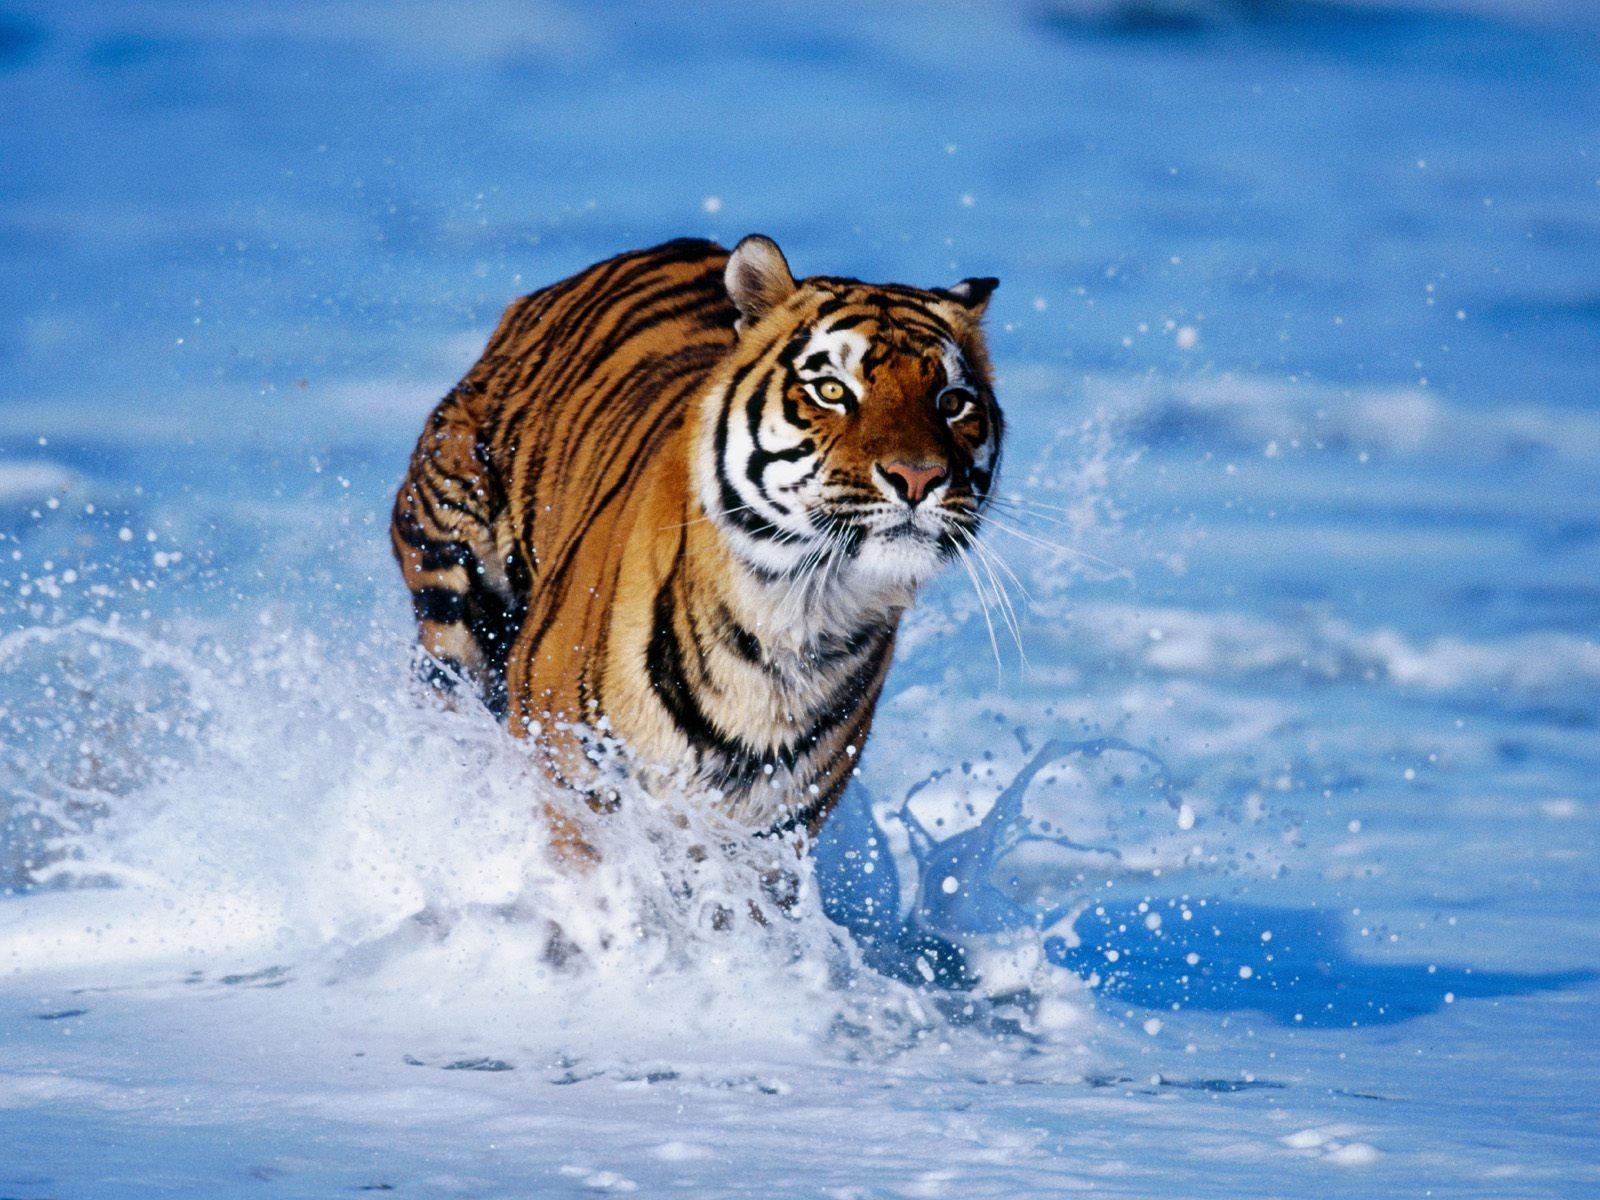 Tiger Wallpaper - Hd Wallpaper Royal Bengal Tiger , HD Wallpaper & Backgrounds